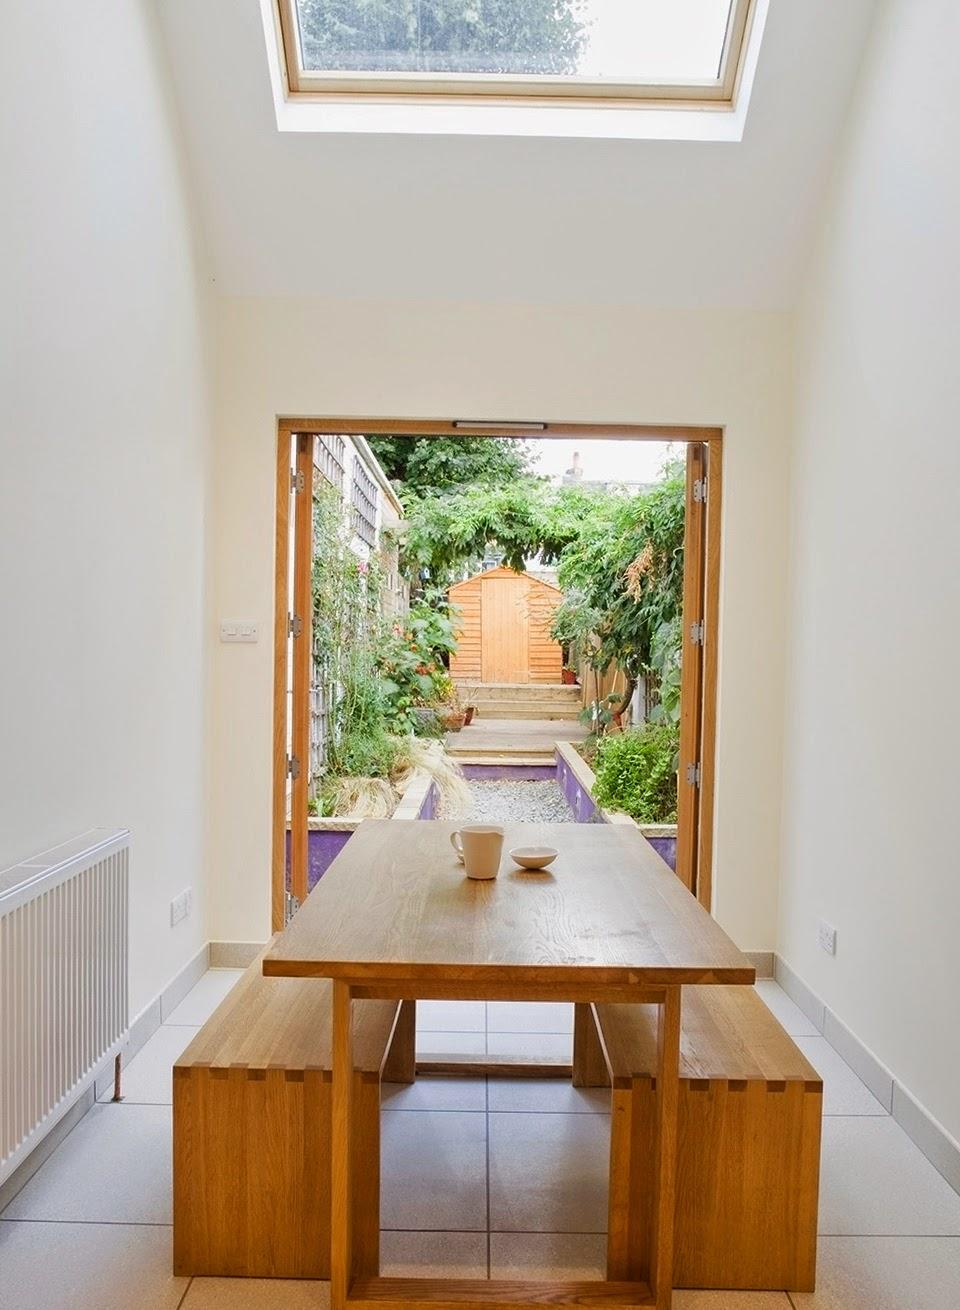 ruang-ruang-lapang-desain-bangunan-rumah-mungil-dengan-lebar-2-meter-06